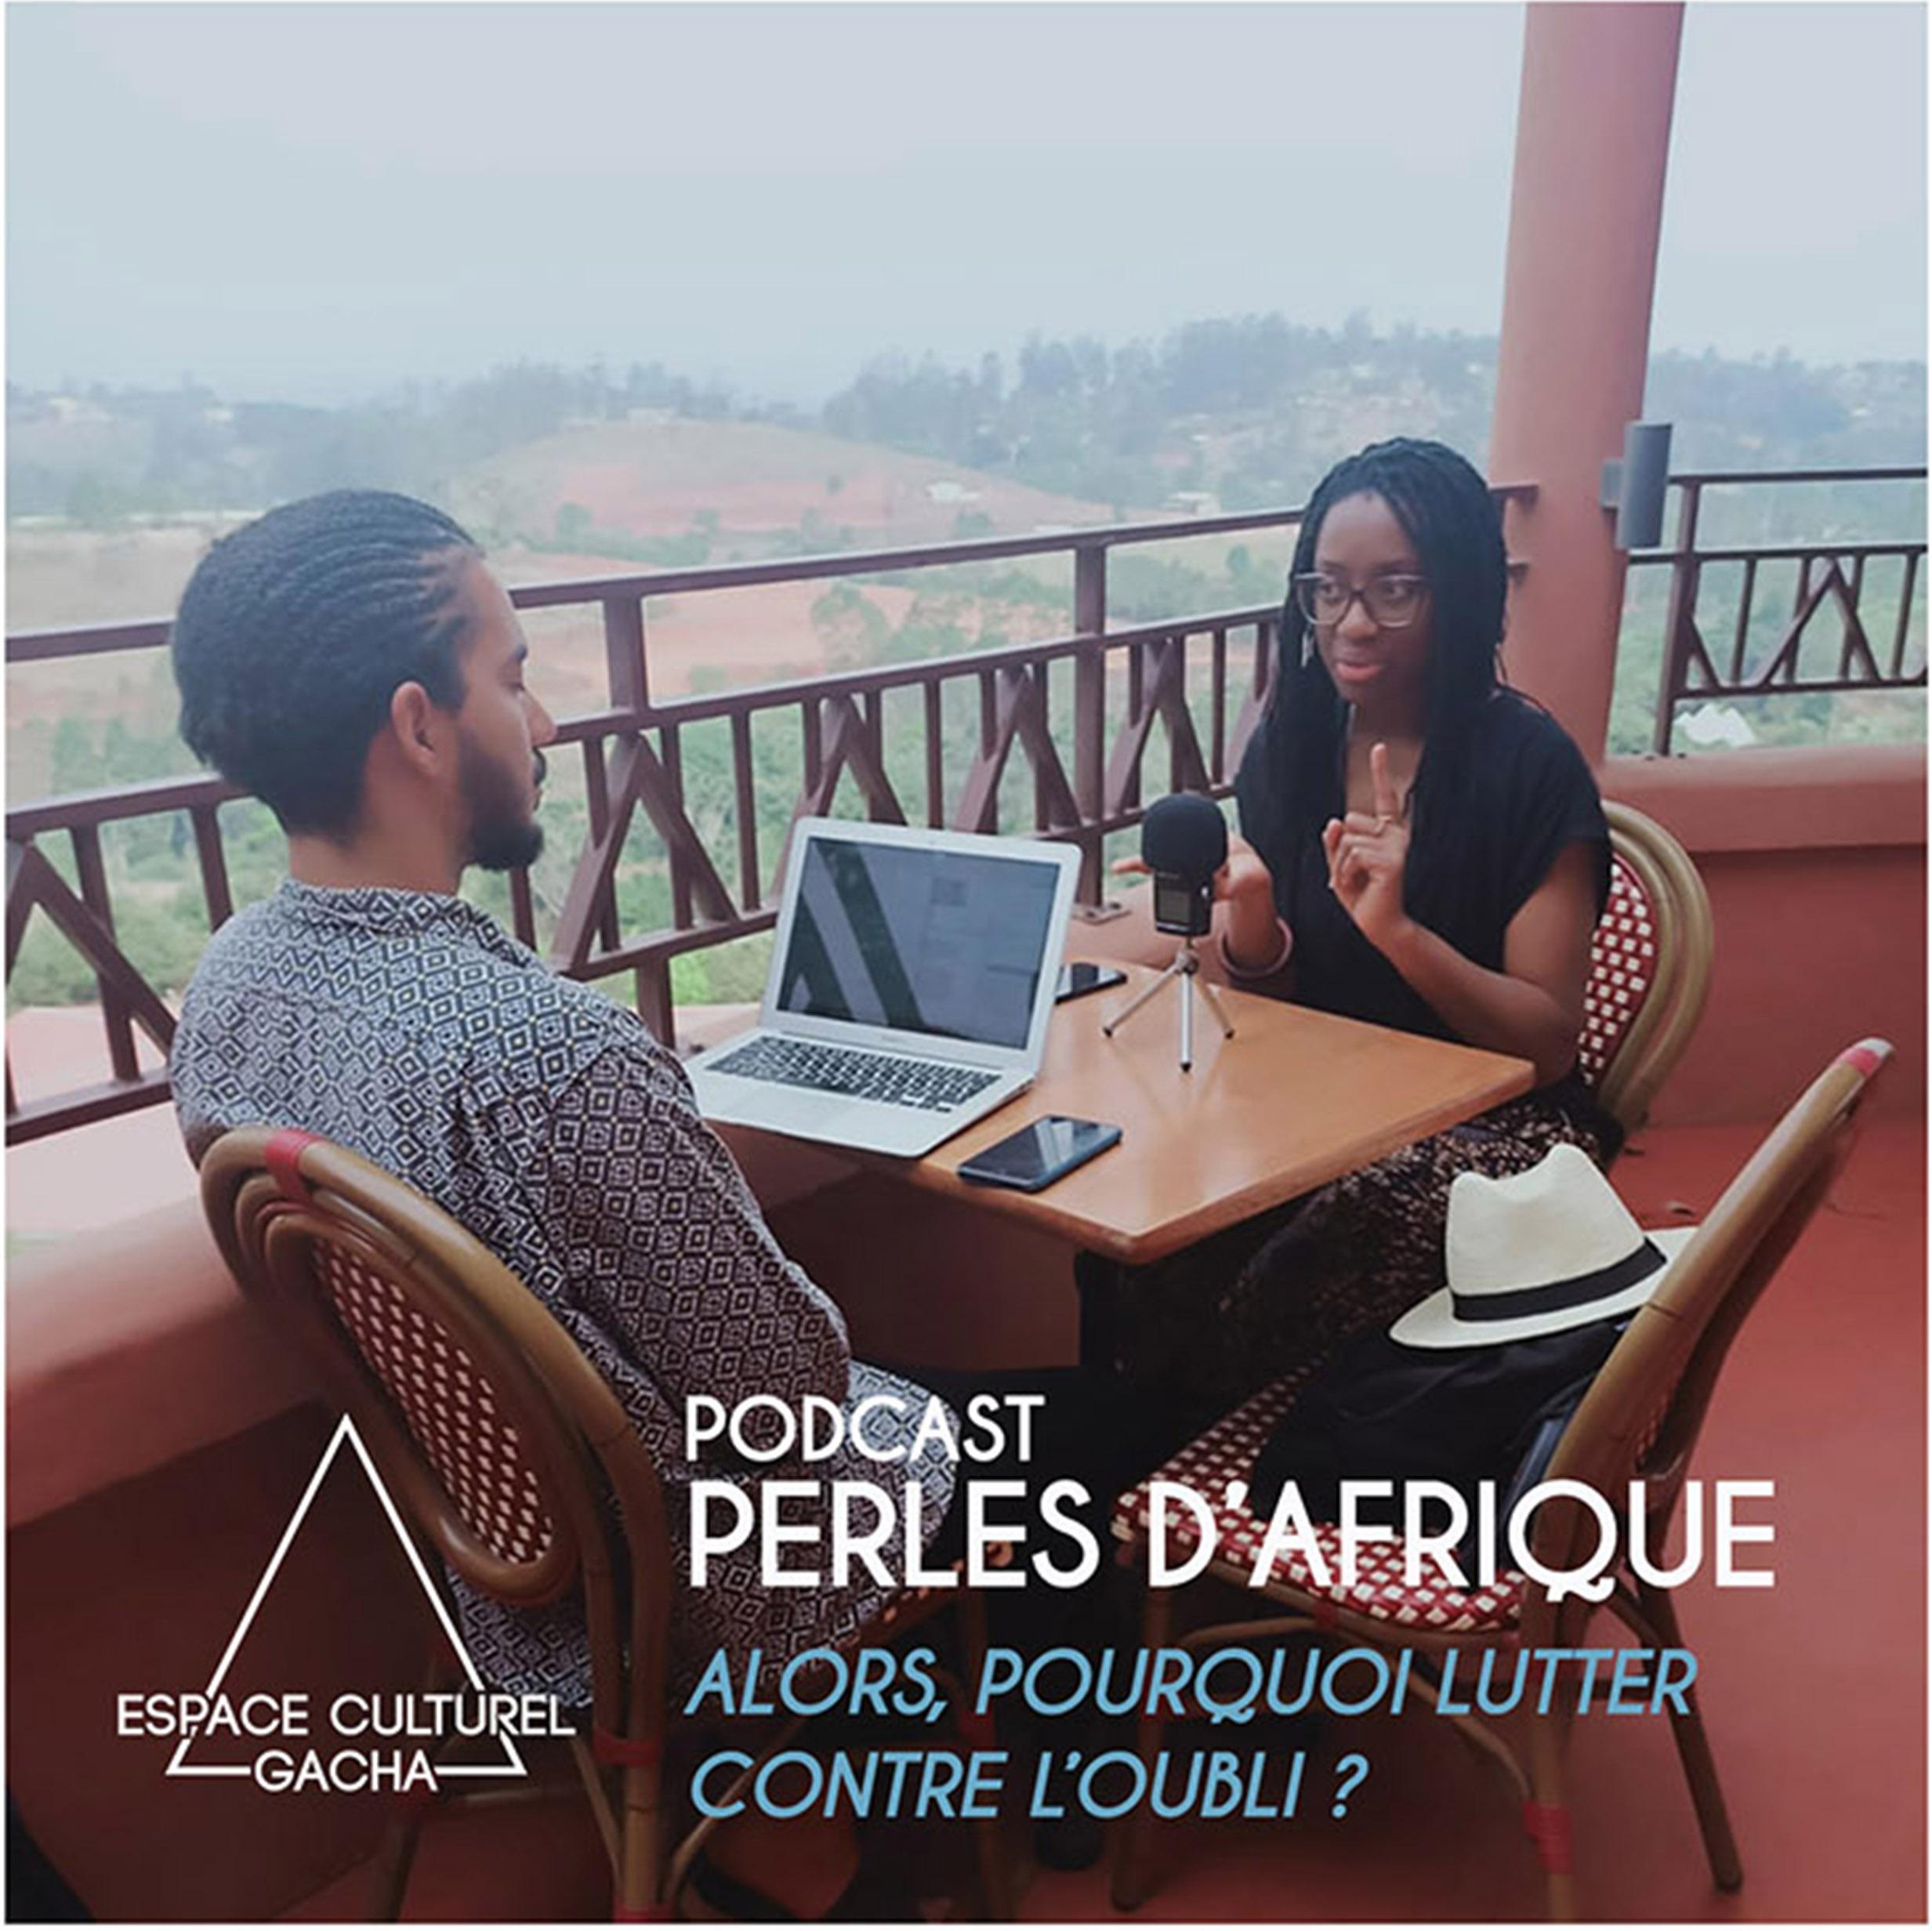 Podcast Perles d'Afrique – Alors, pourquoi lutter contre l'oubli ?